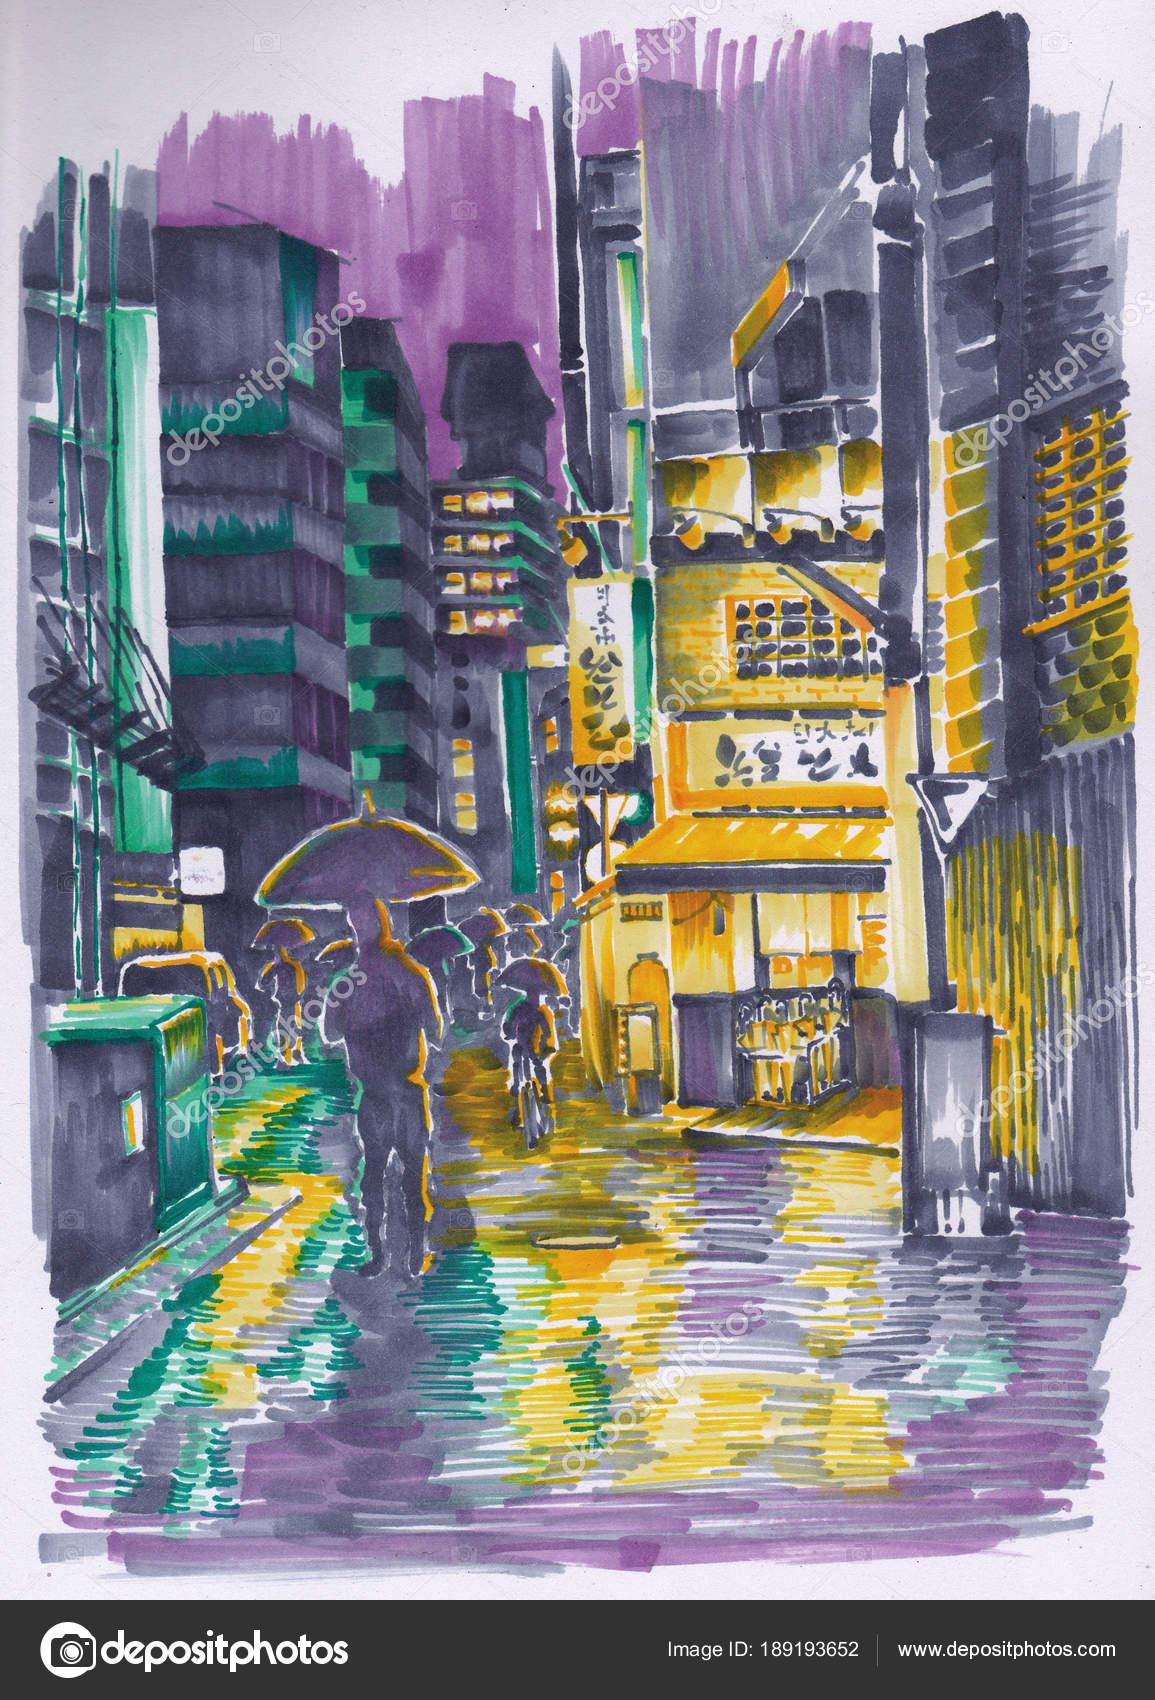 avond straat van japan mensen haast thuis winkels verlichting schets stockfoto